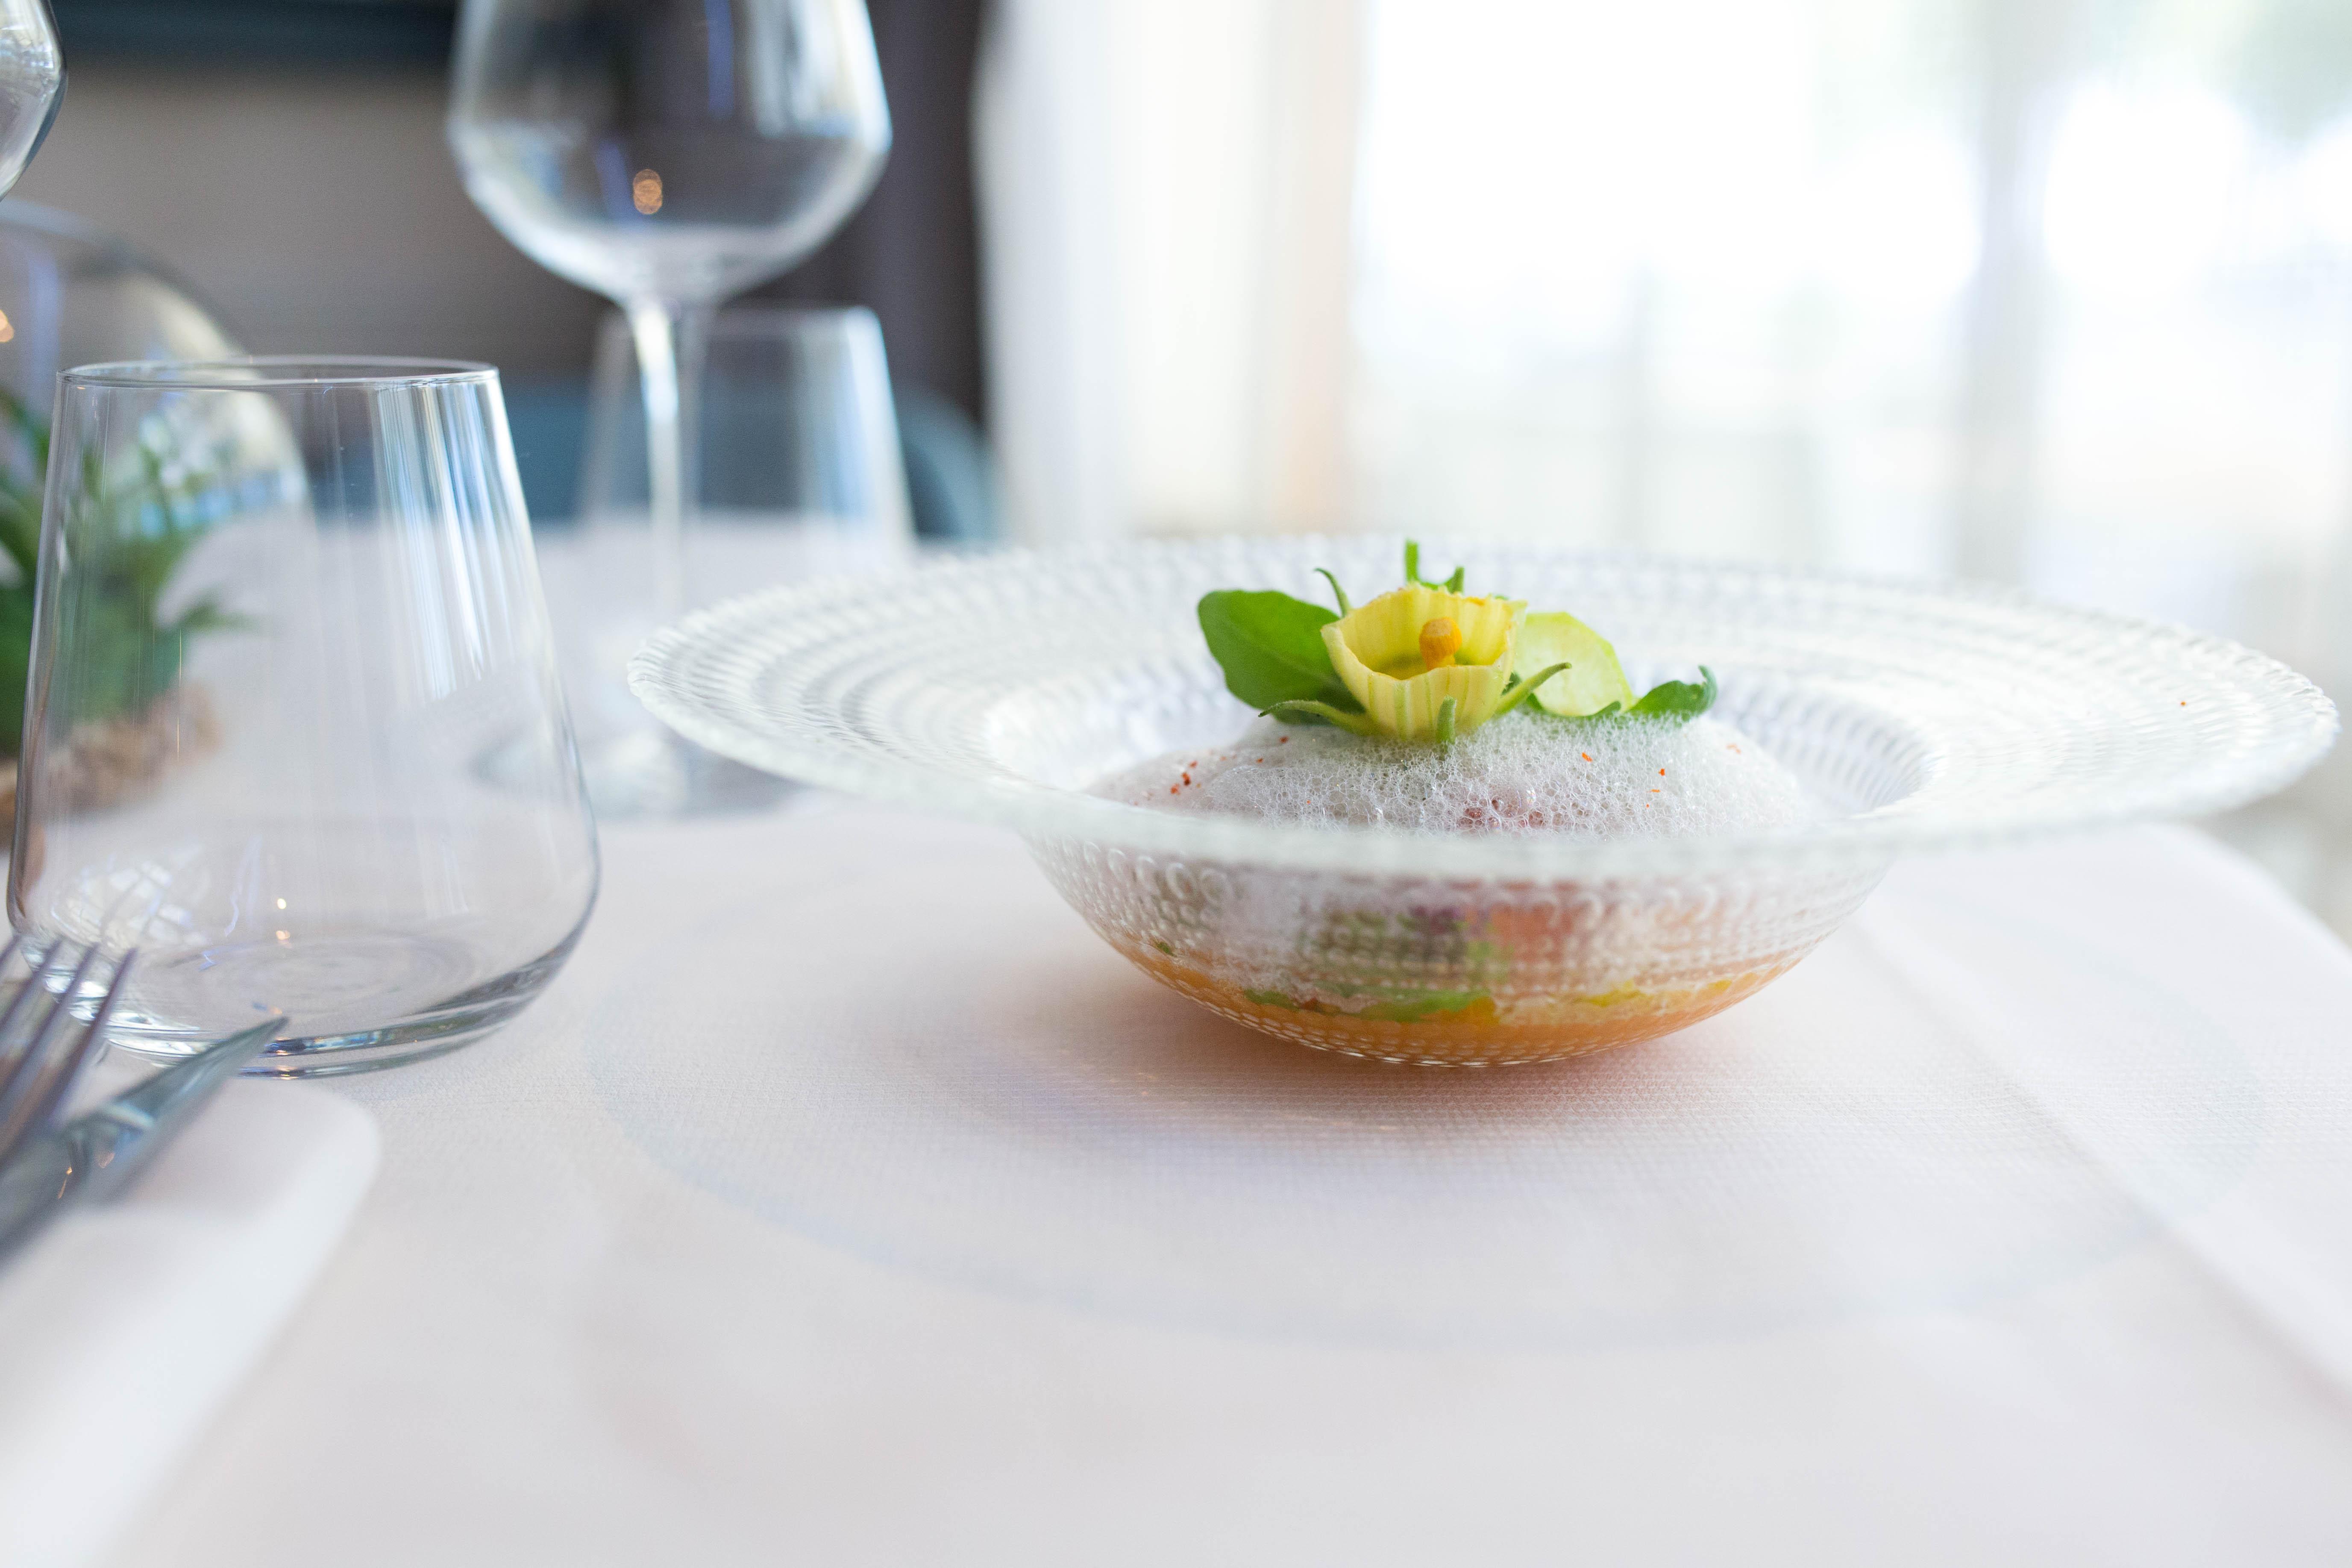 Effiloché de raie, patate douce et vinaigrette agrume-vanille